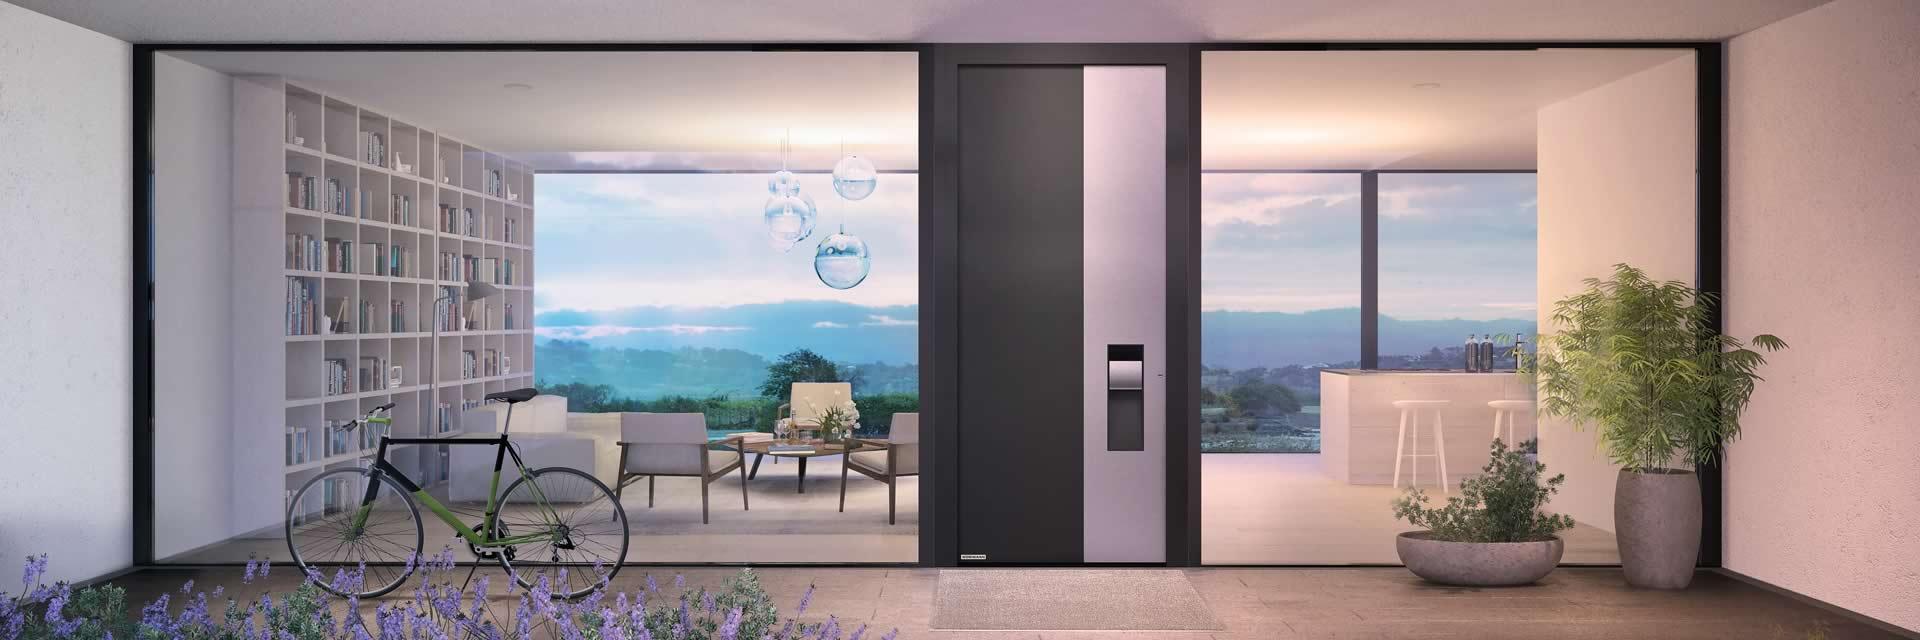 kovacic volets fen tres porte de garage strasbourg colmar alsace. Black Bedroom Furniture Sets. Home Design Ideas